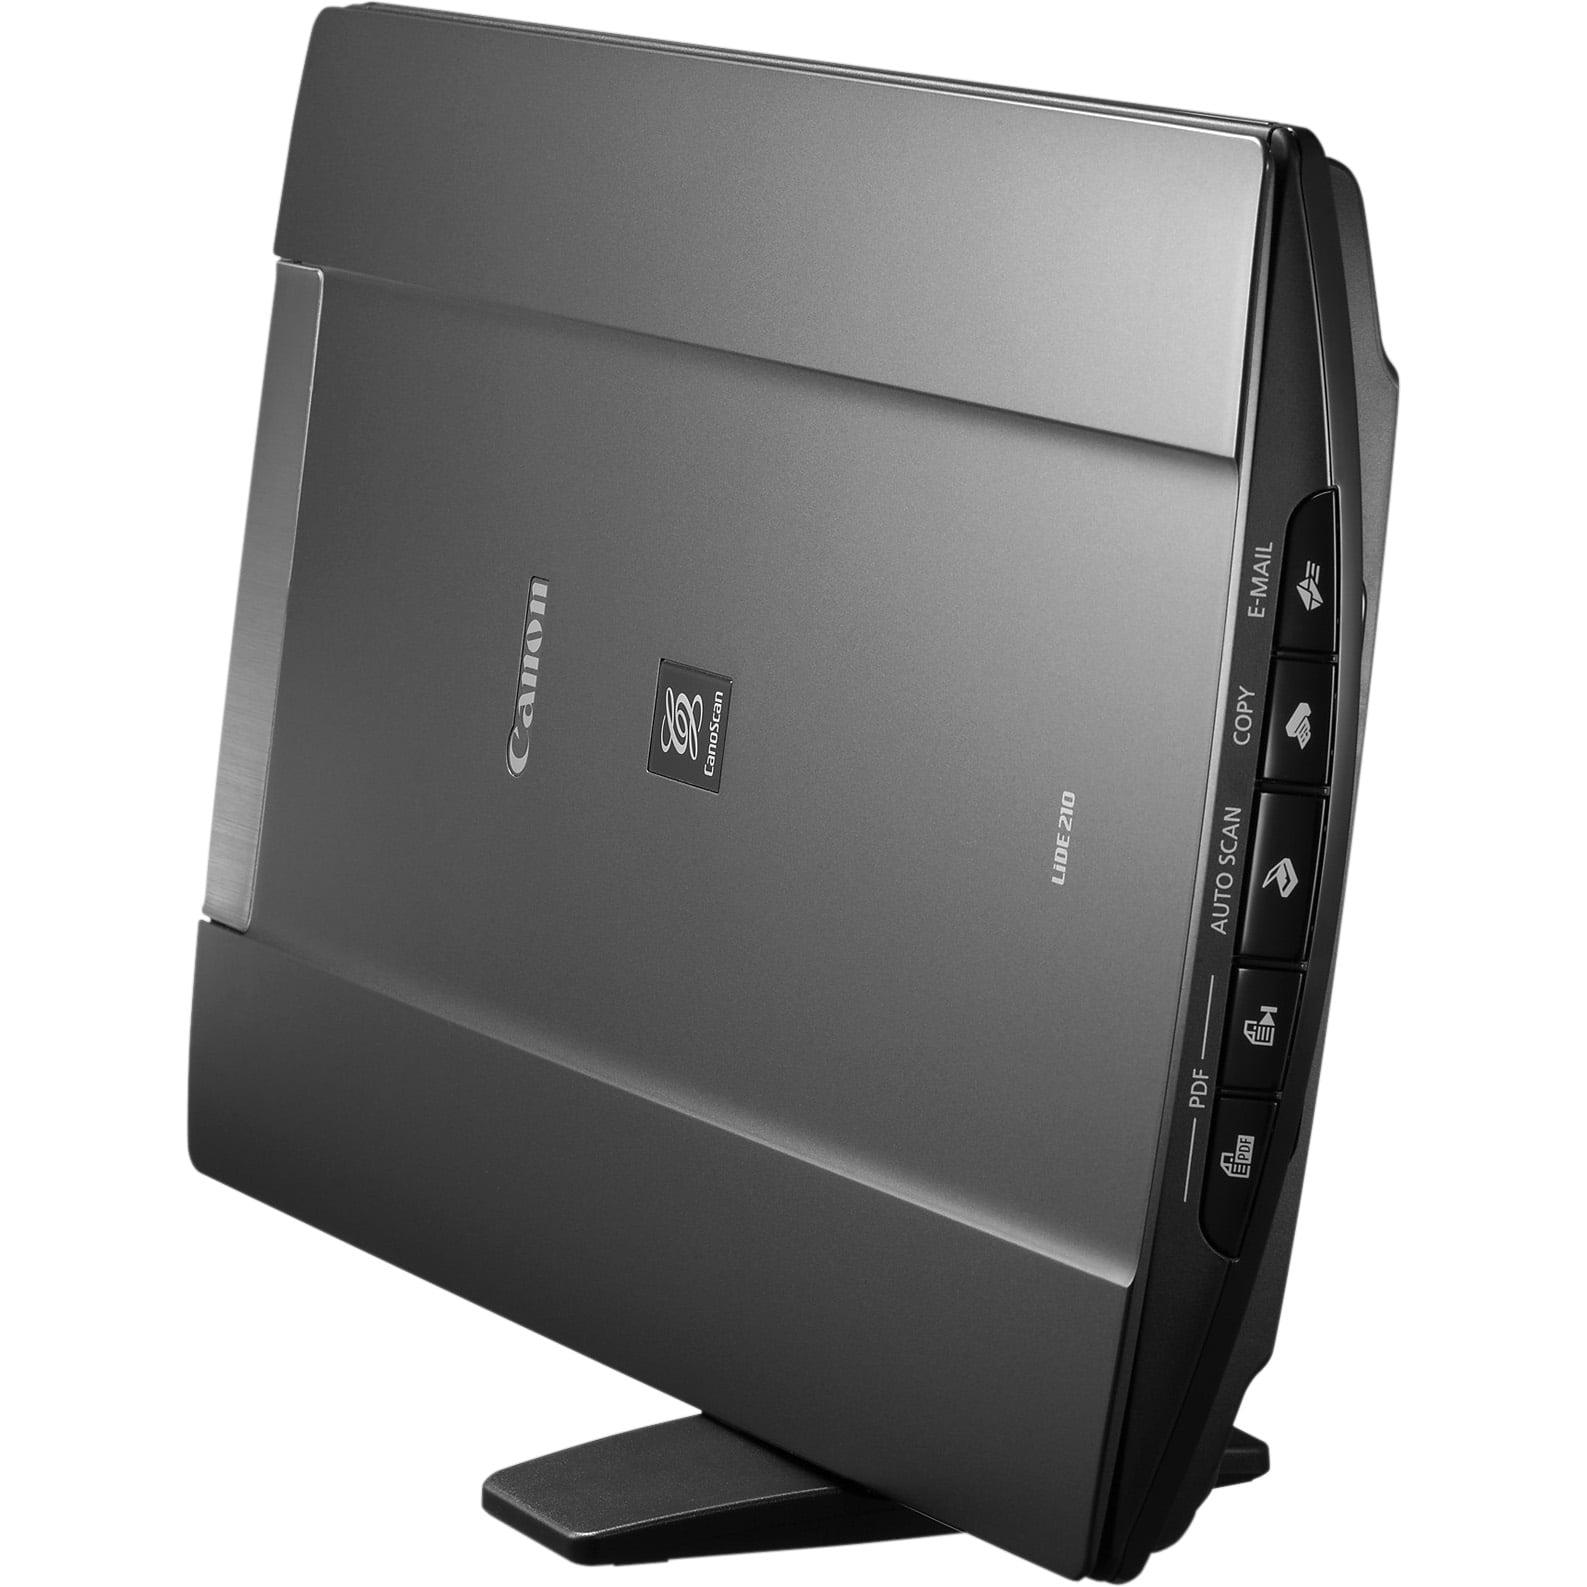 Canon, CNMLIDE120, CanoScan LiDE120 Color Image Scanner, 1 Each, Black